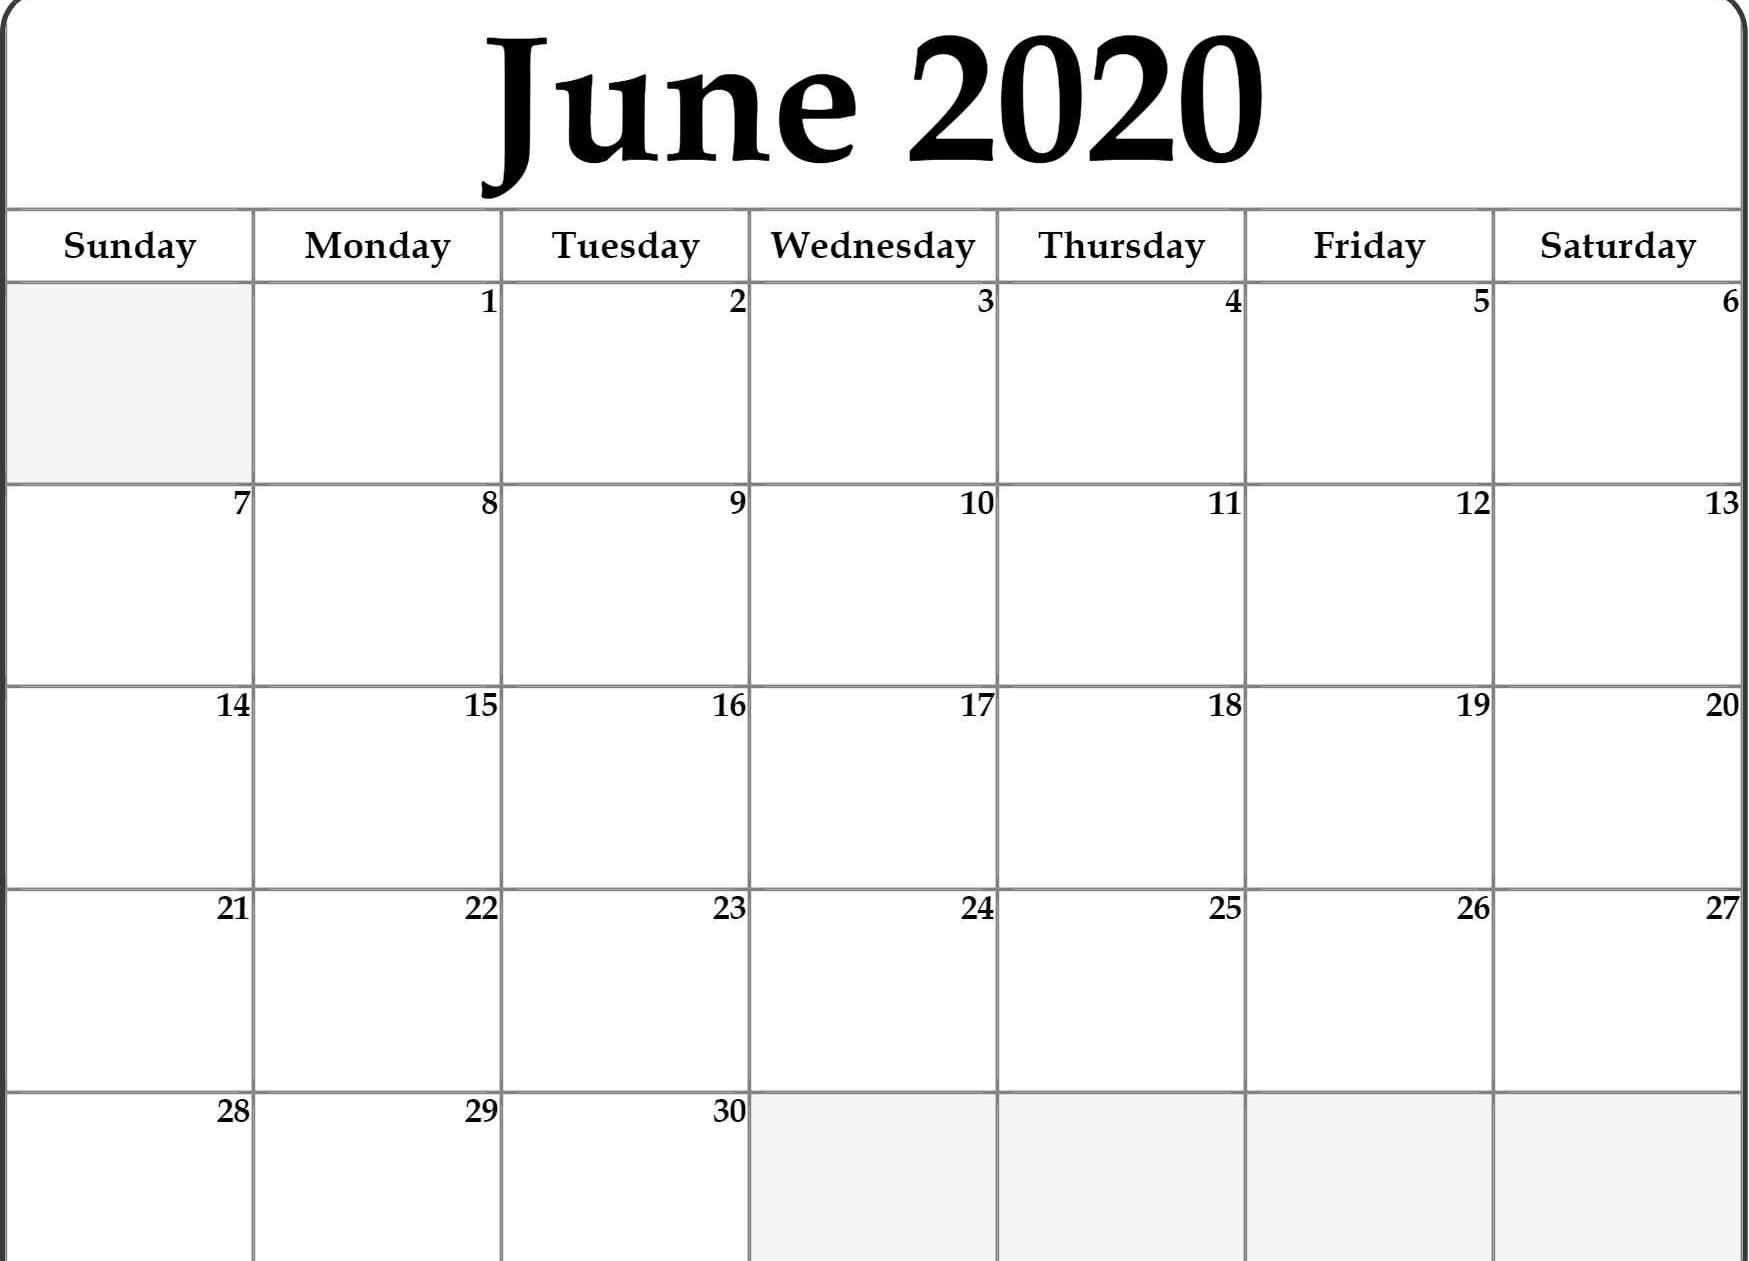 June Calendar 2020 Free Printable Template Pdf Word Excel